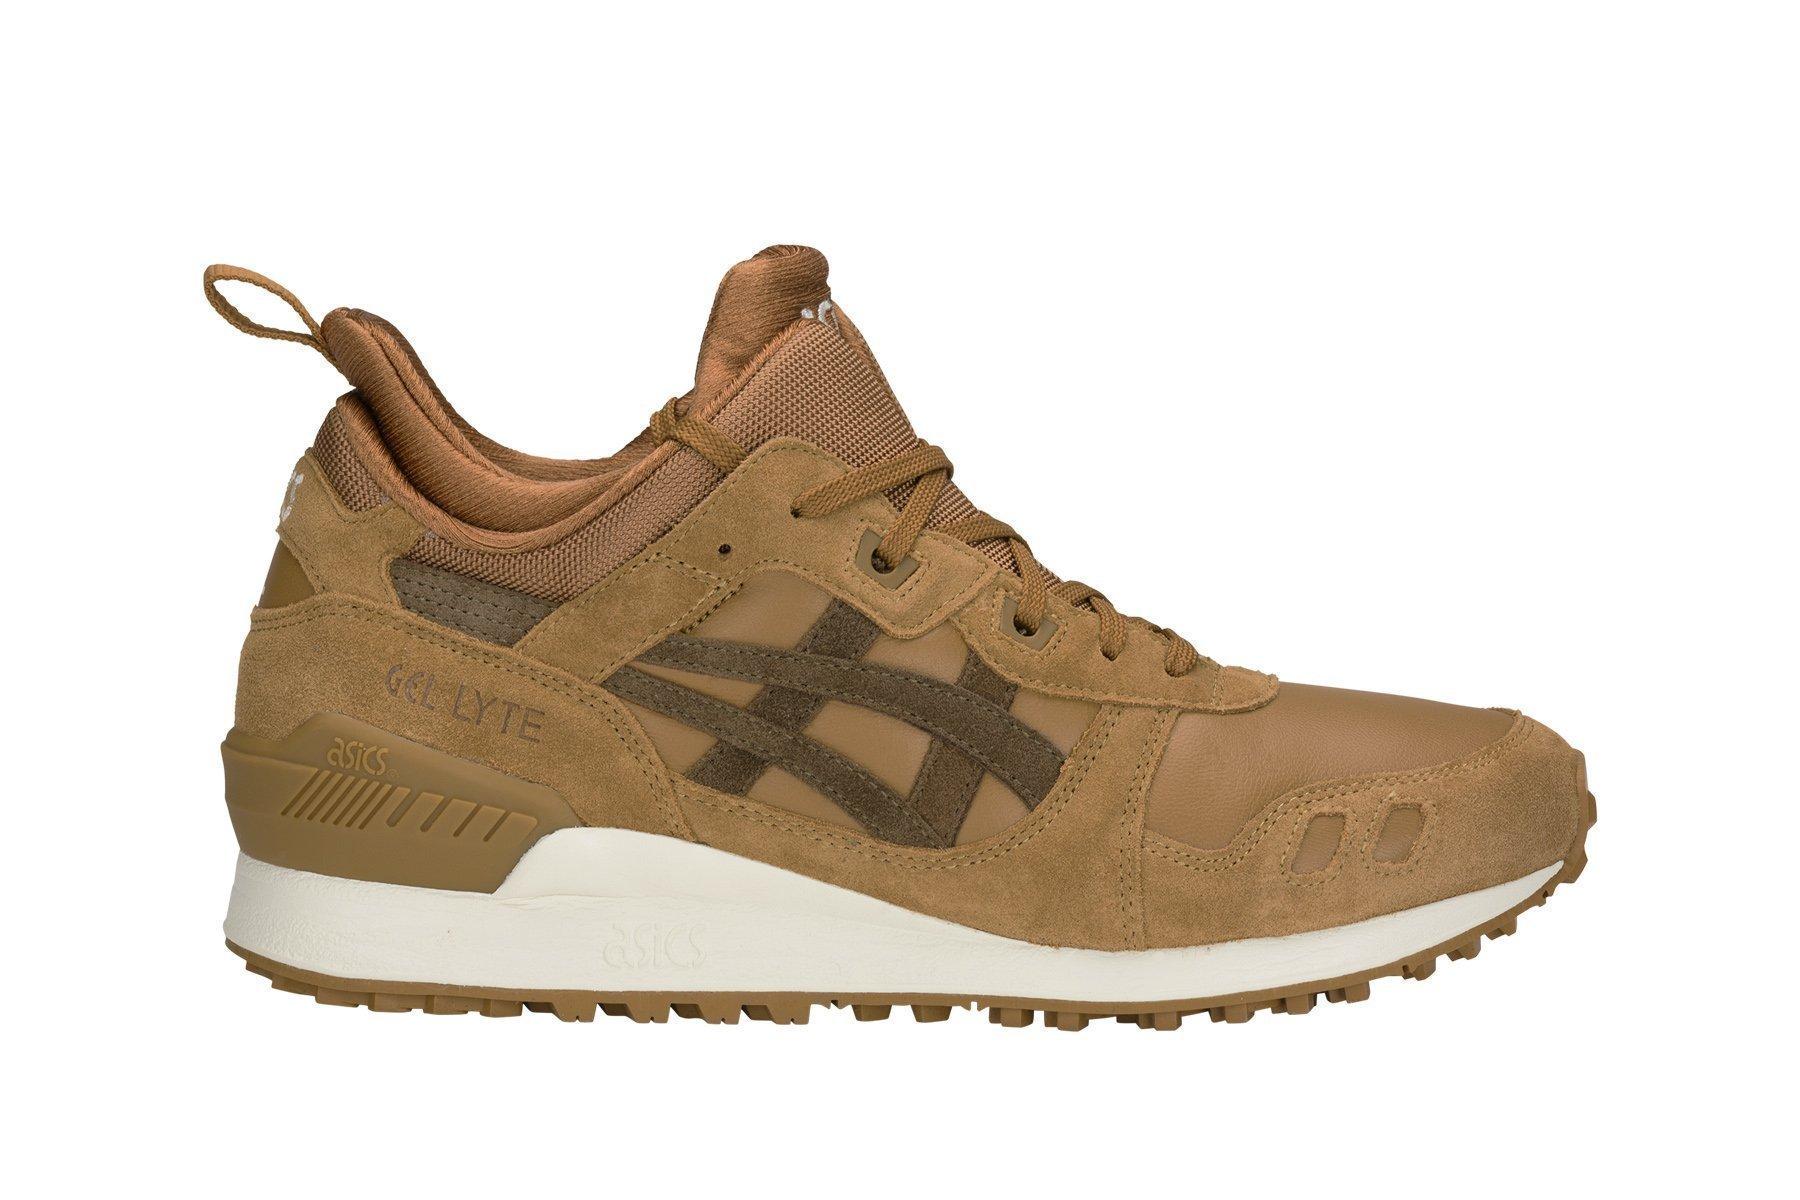 70545482e28 Asics Tiger Heren Sneakers hoog 'Gel Lyte MT' beige / grasgroen | 1193A035  300 | ASICS